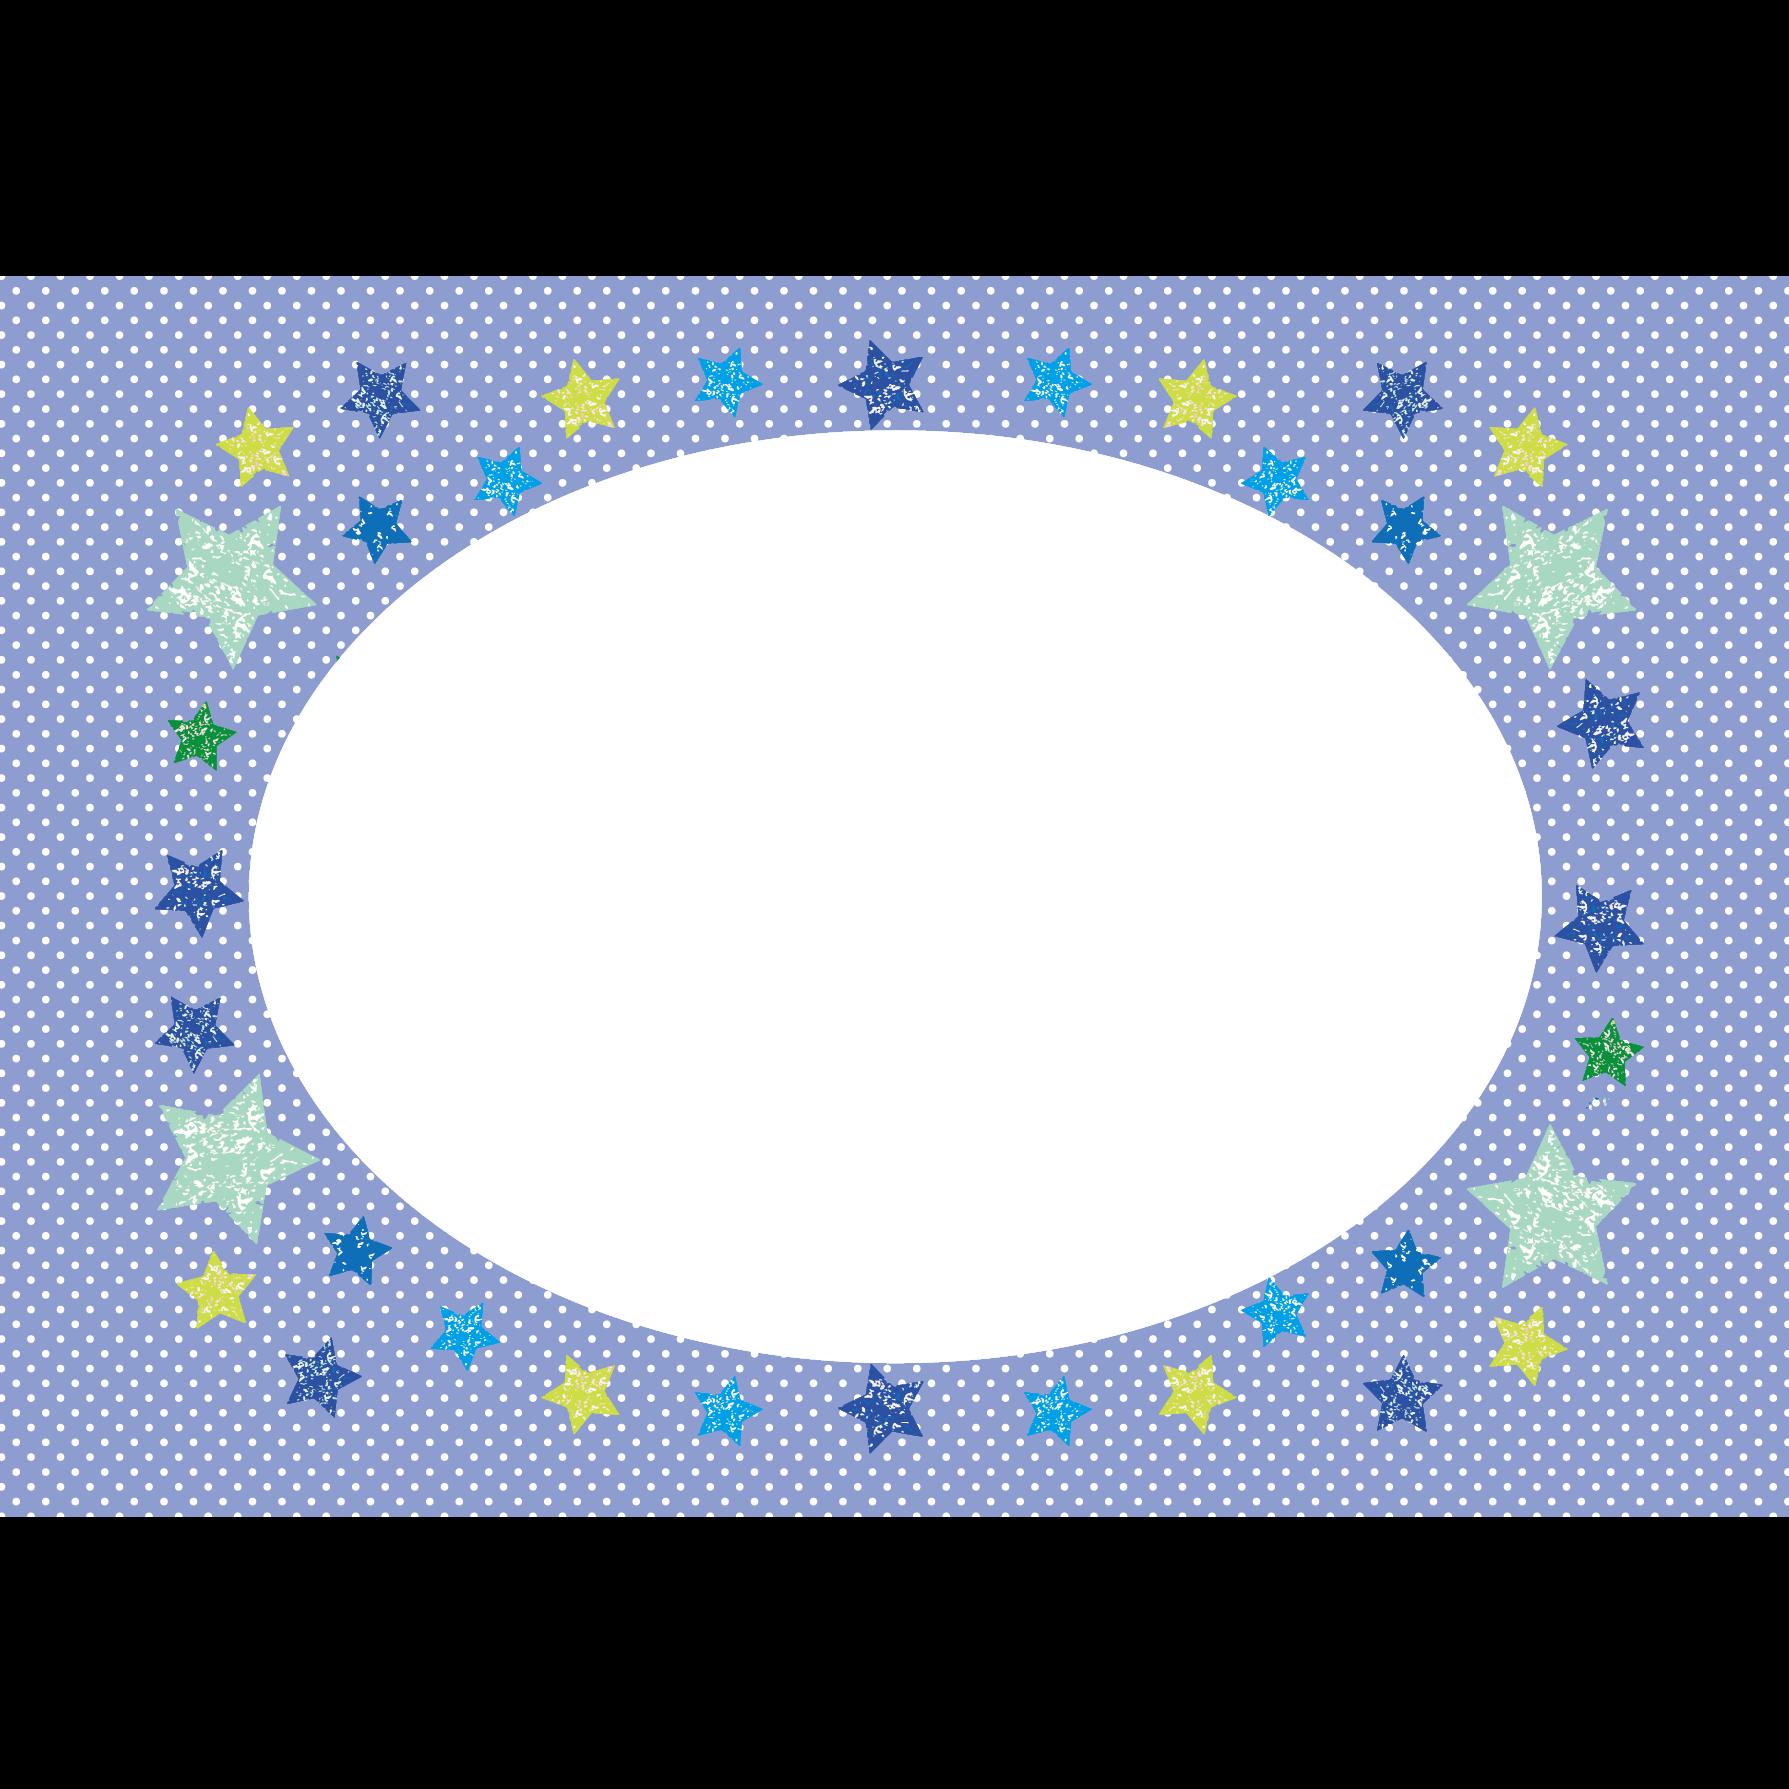 おしゃれ♪星(スター)模様のフレーム(ブルー) イラスト | 商用フリー